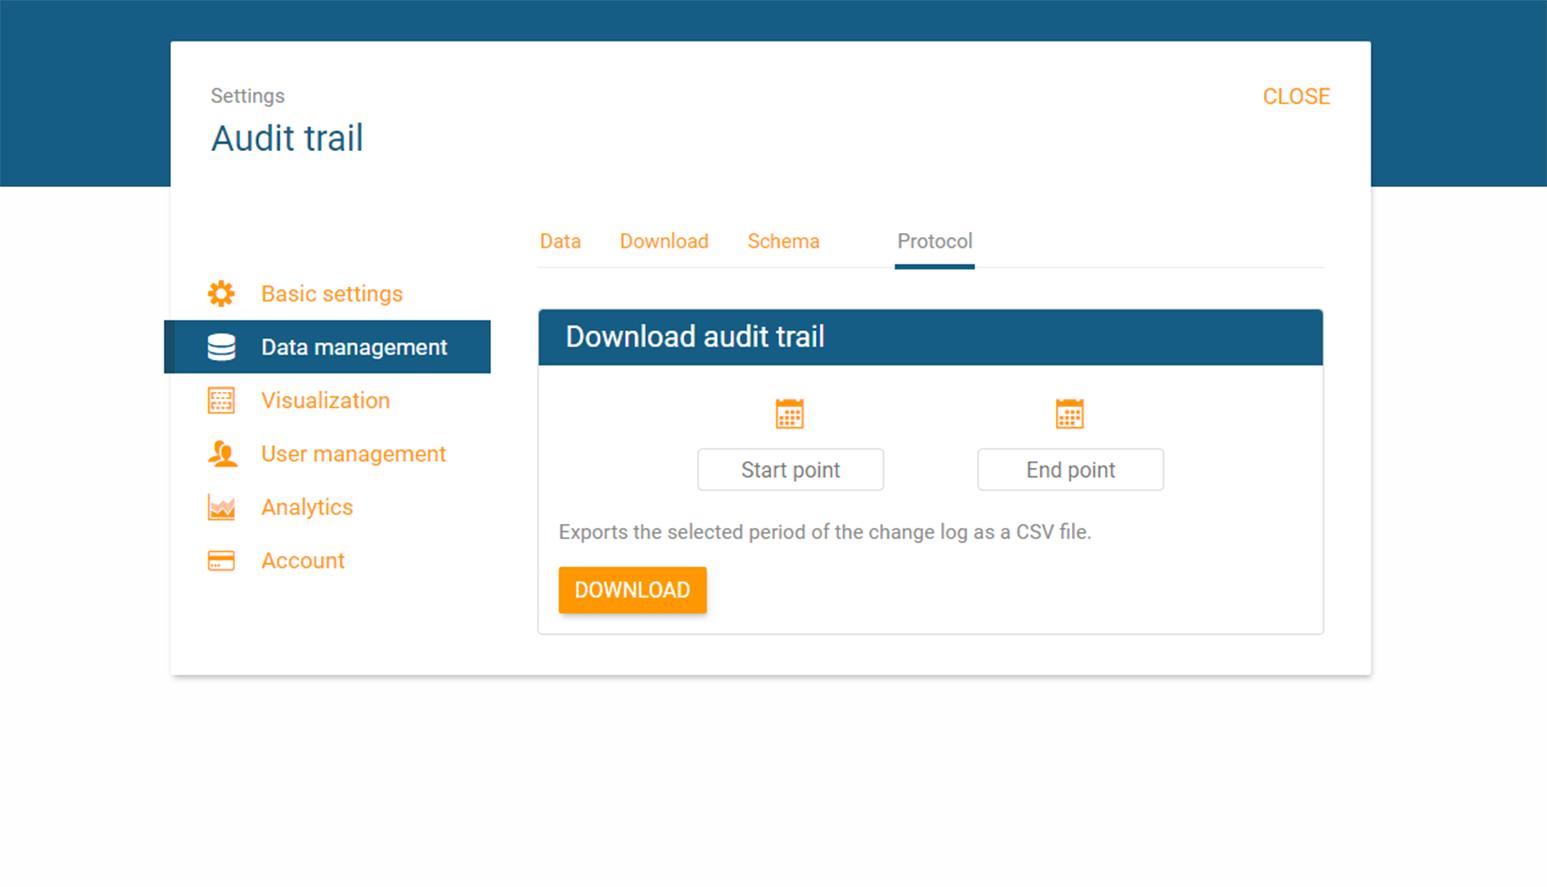 Access audit trail via